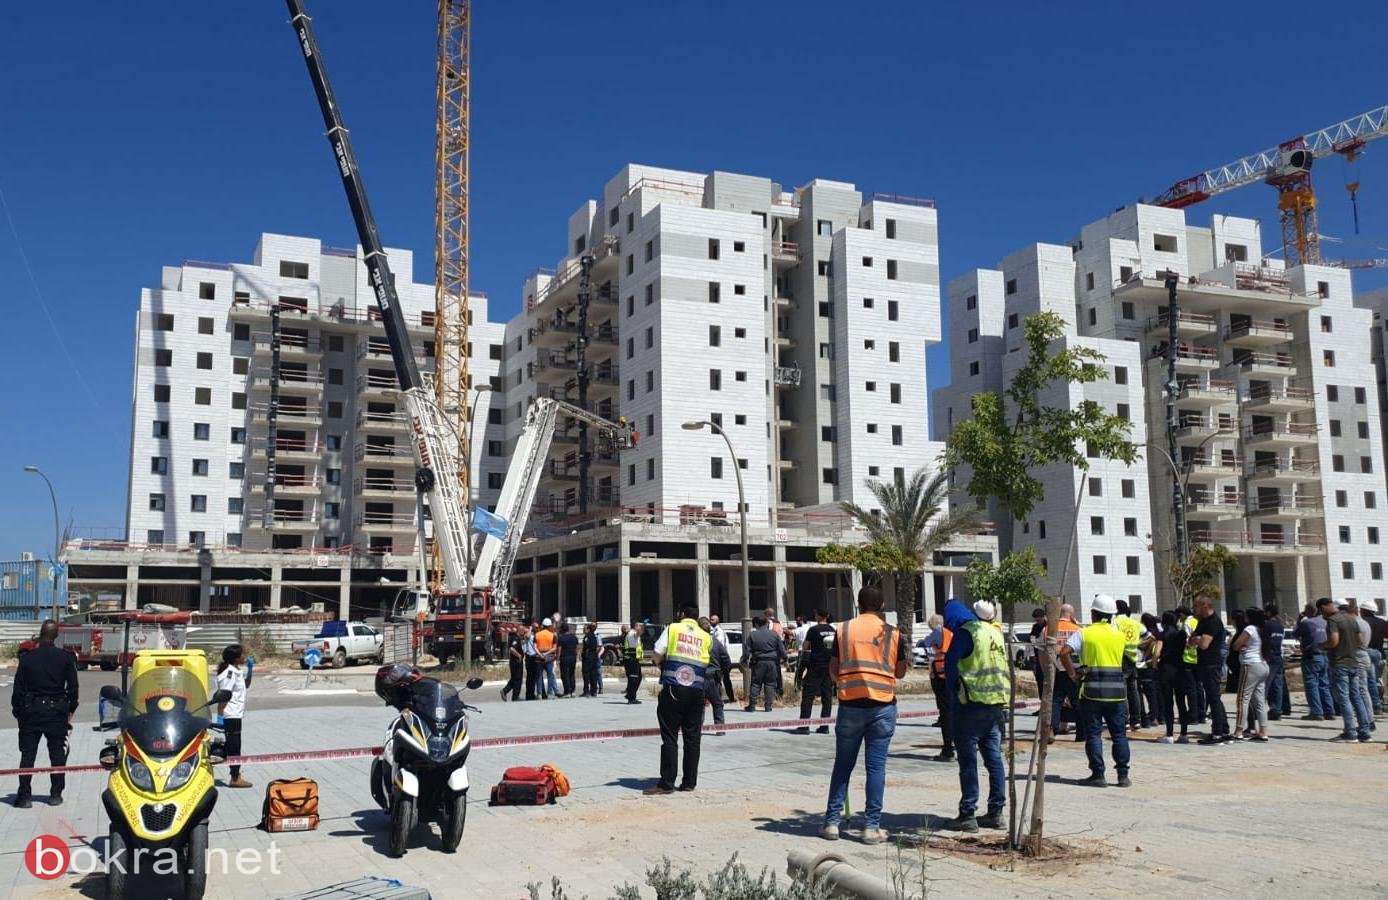 يفنة: مصرع 4 عمال واصابة اخرين جراء انهيار اجزاء رافعة في ورشة بناء